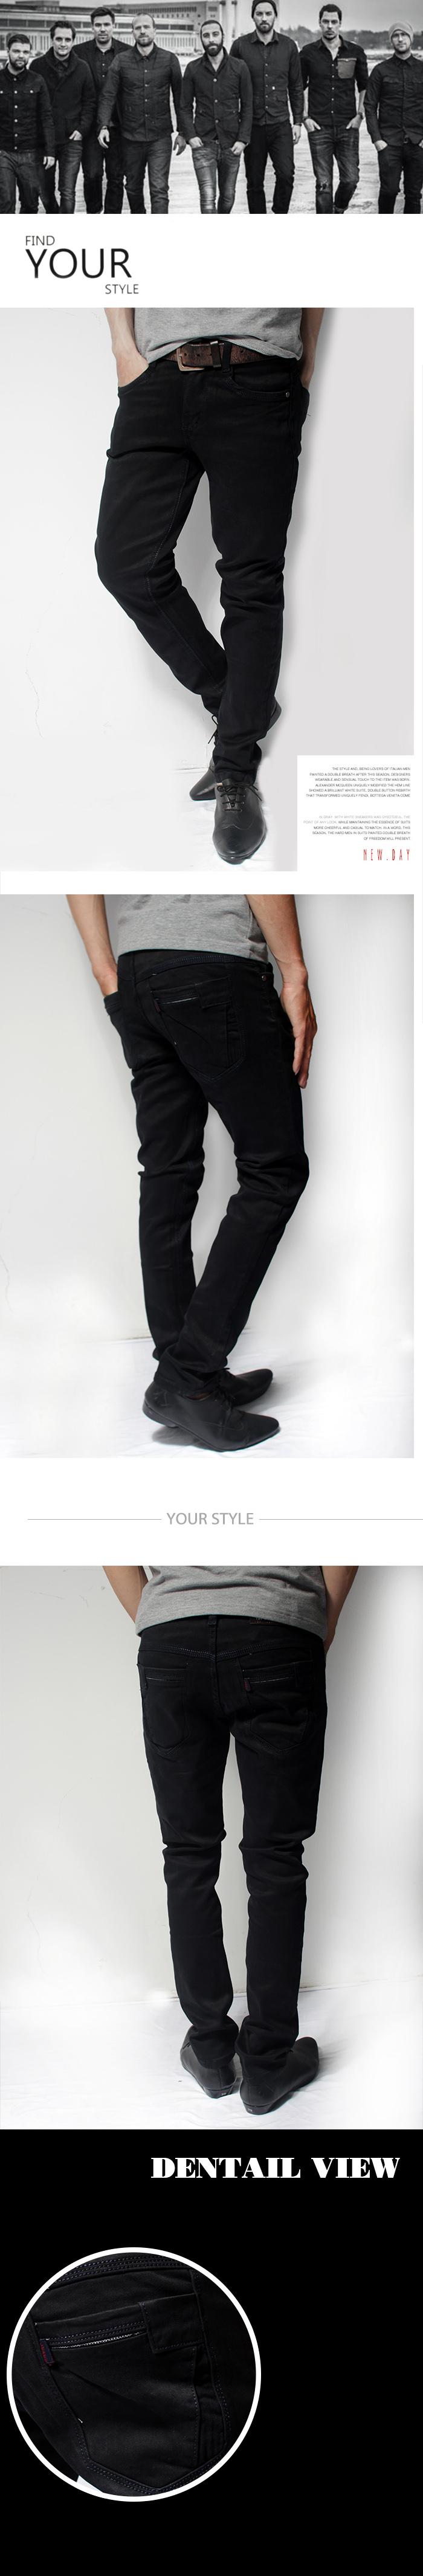 Quần jean đen qj1139 - 1